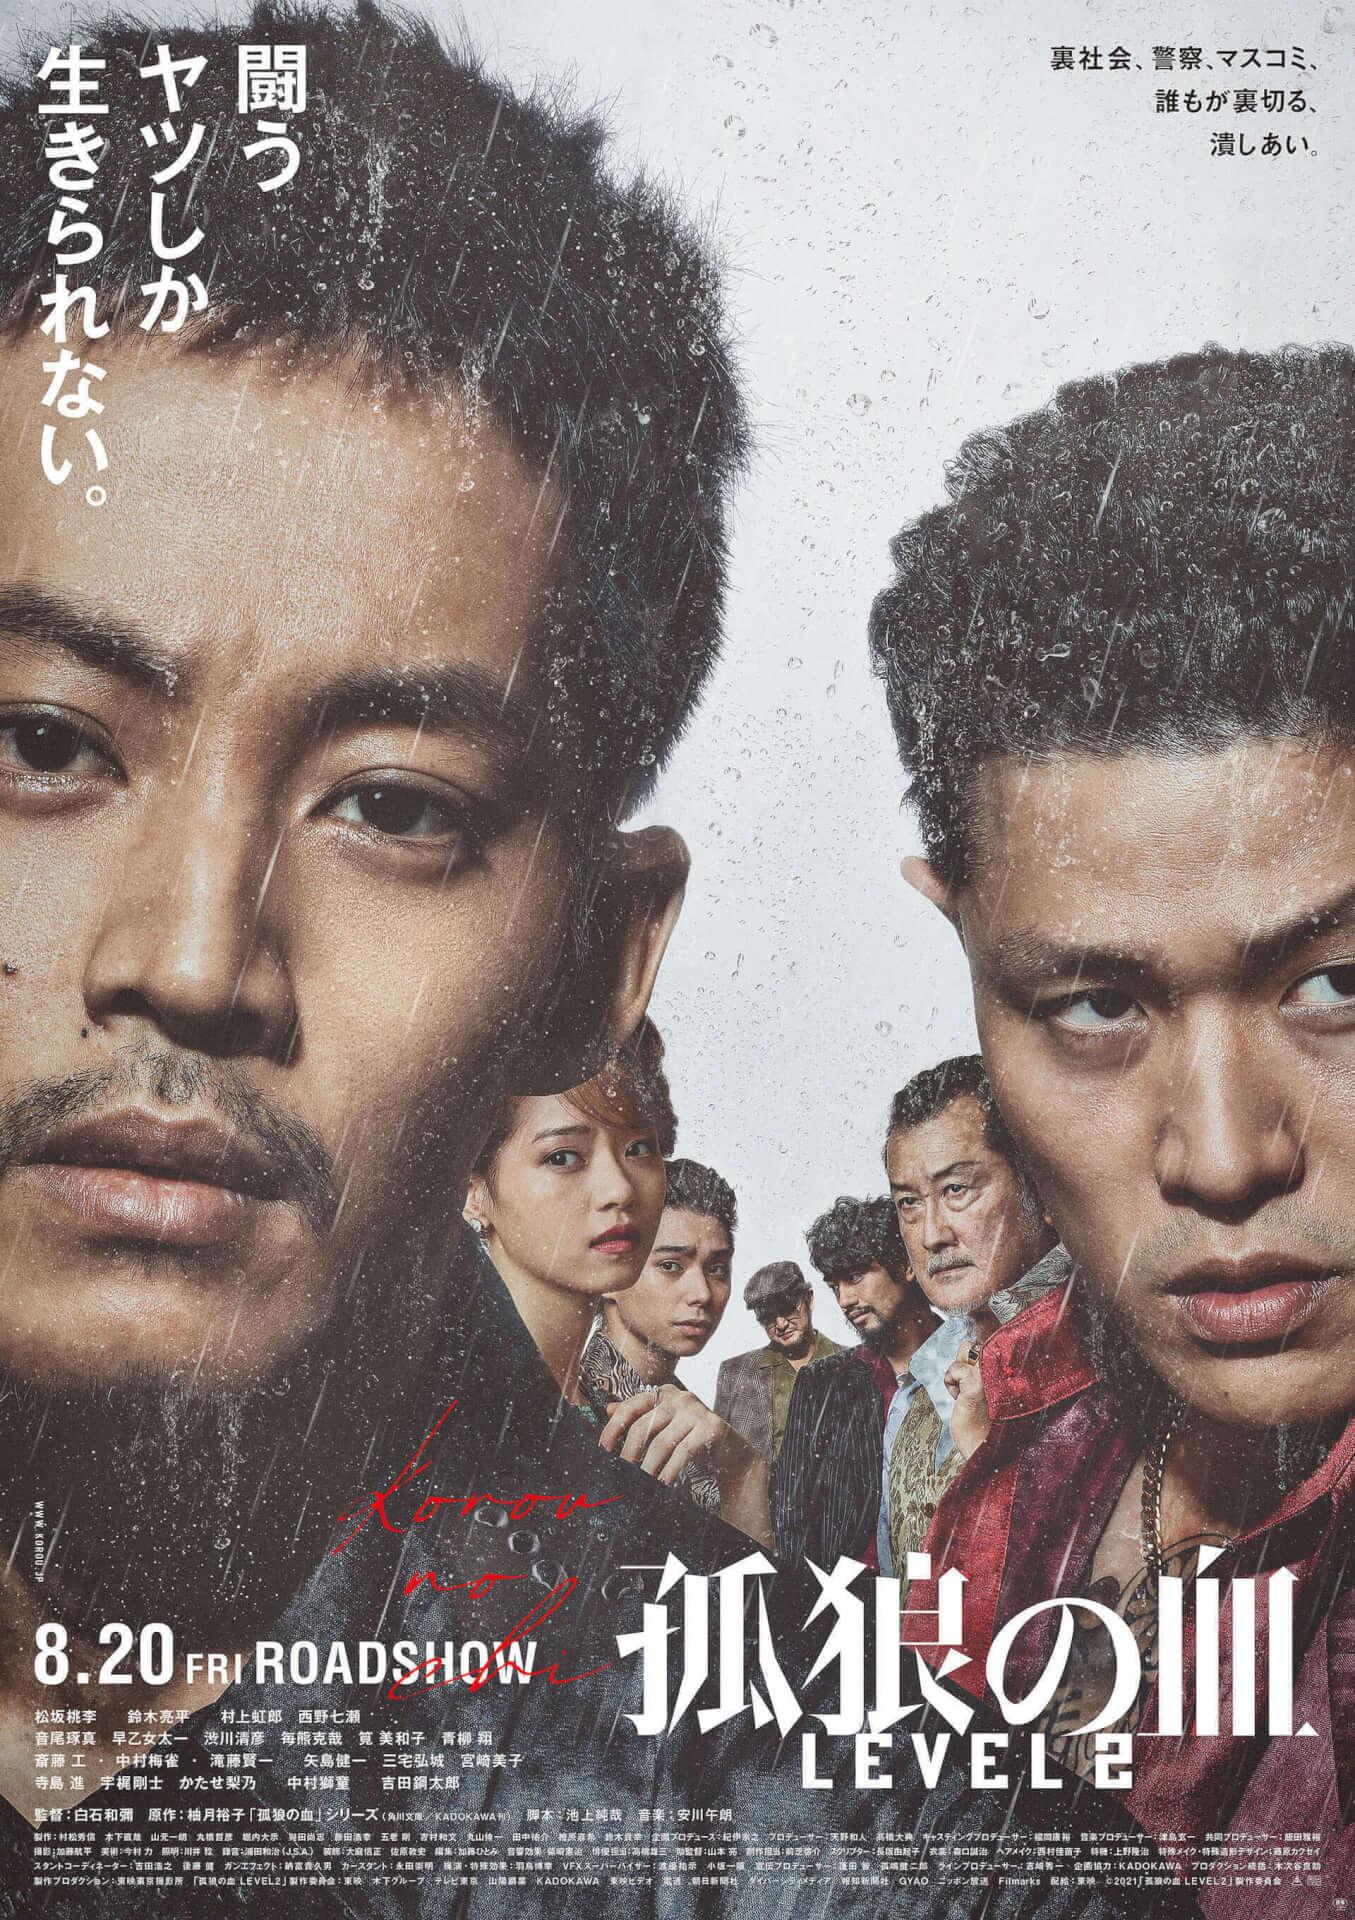 役所広司「『孤狼の血』じゃけぇ、何をしてもええんじゃ!」本日公開『孤狼の血 LEVEL2』へのコメントが続々到着 film210820_korounochi2_1